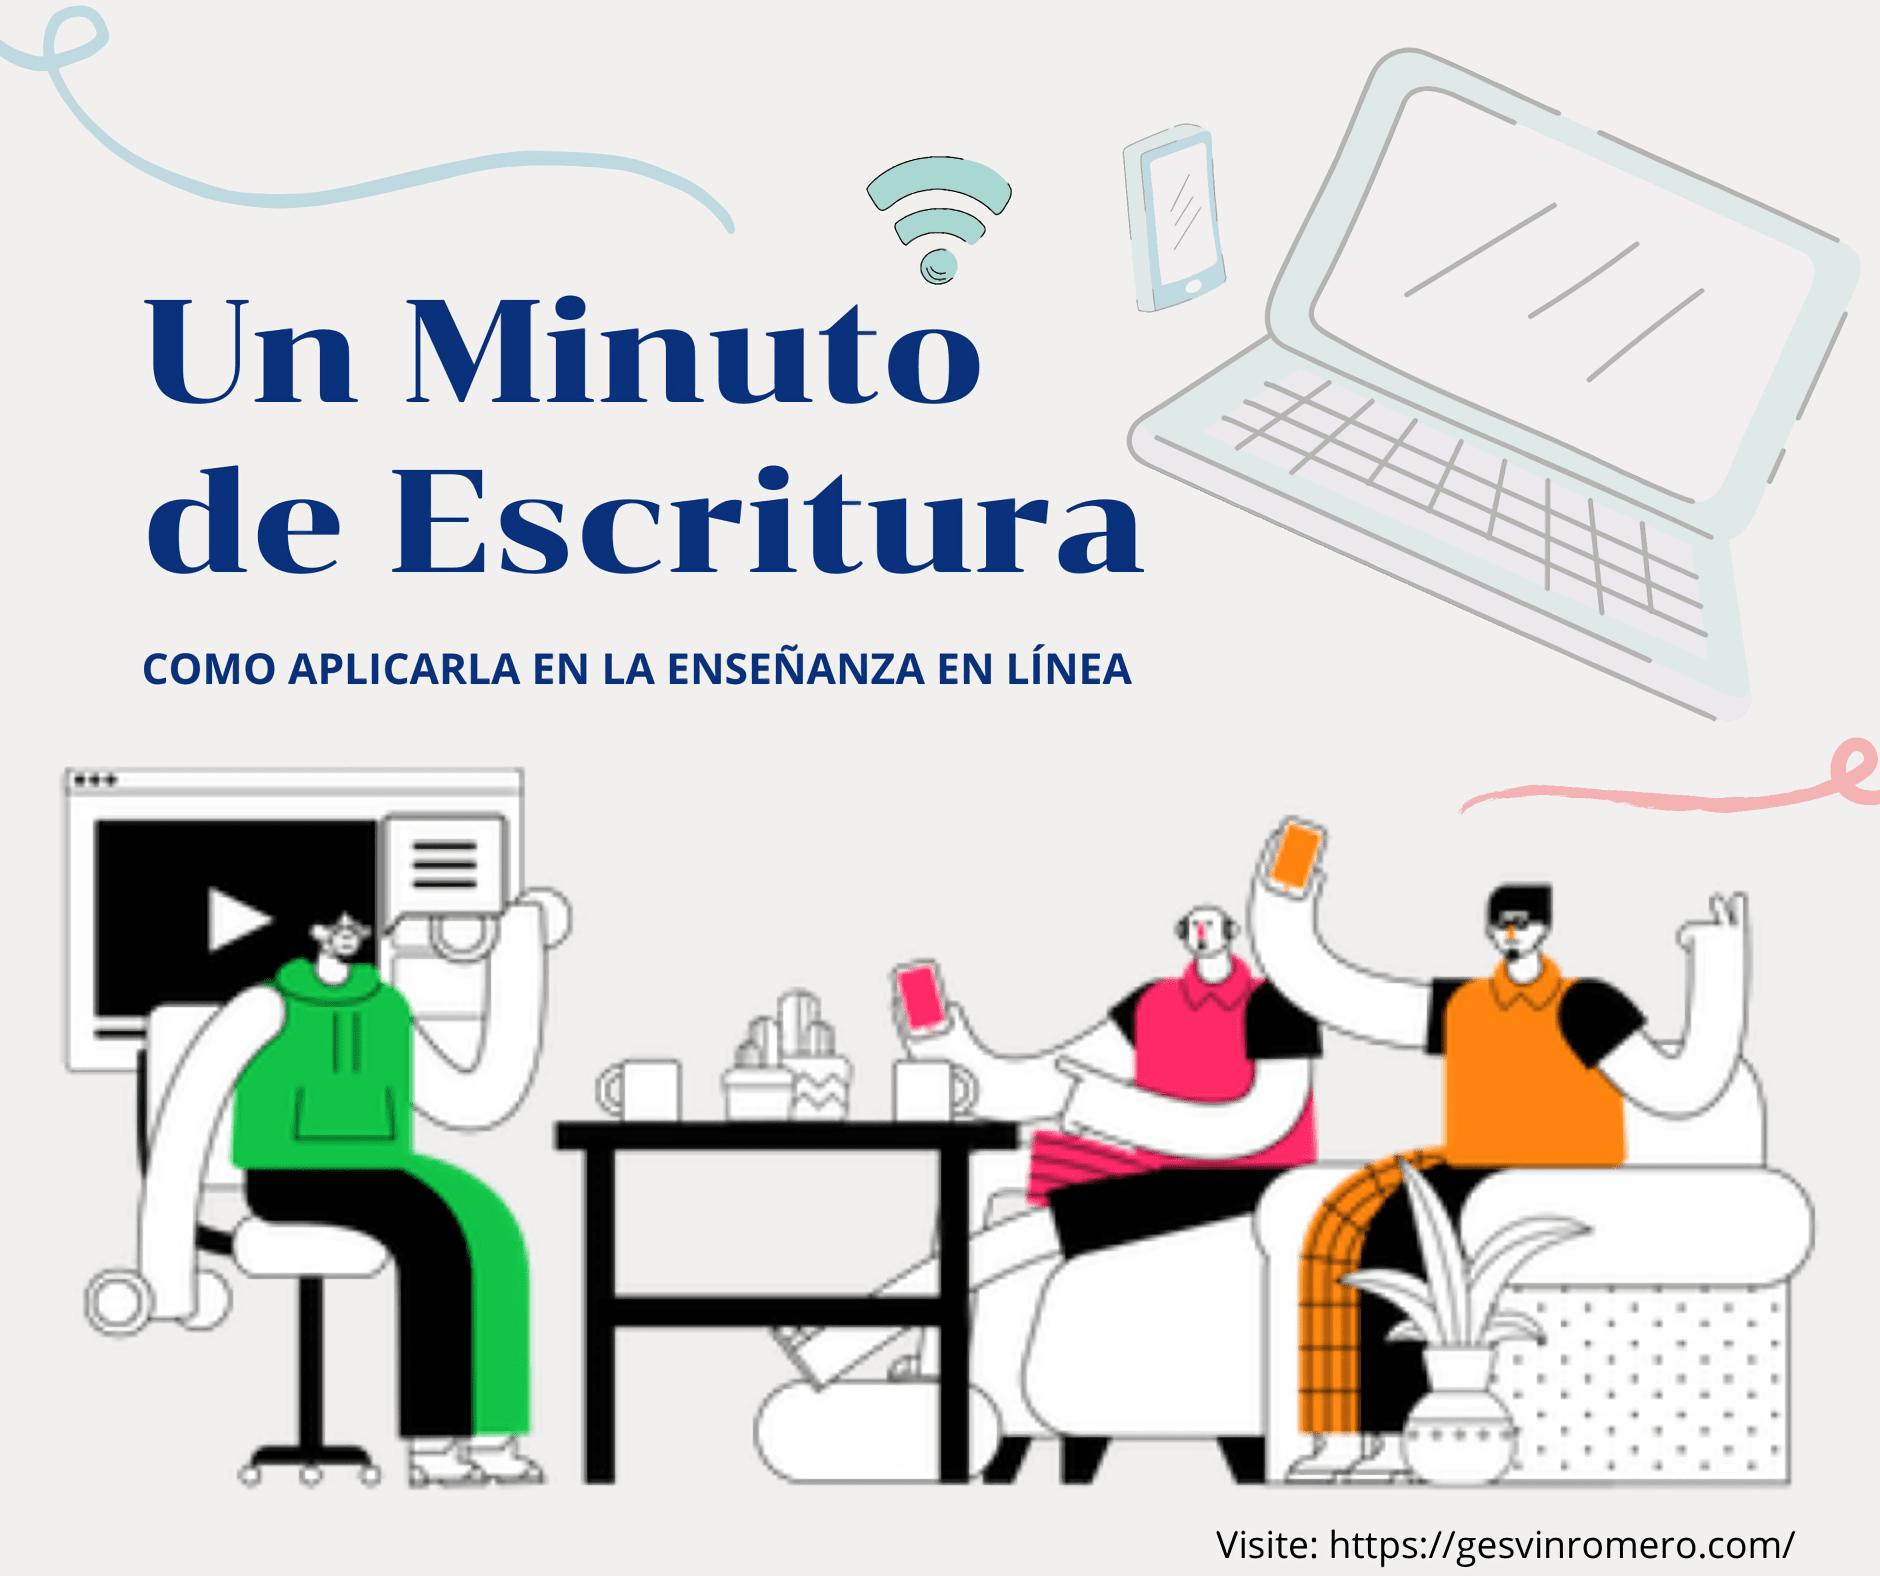 Tutorial Un Minuto de Escritura – Cómo Aplicarla en la Enseñanza en Línea.